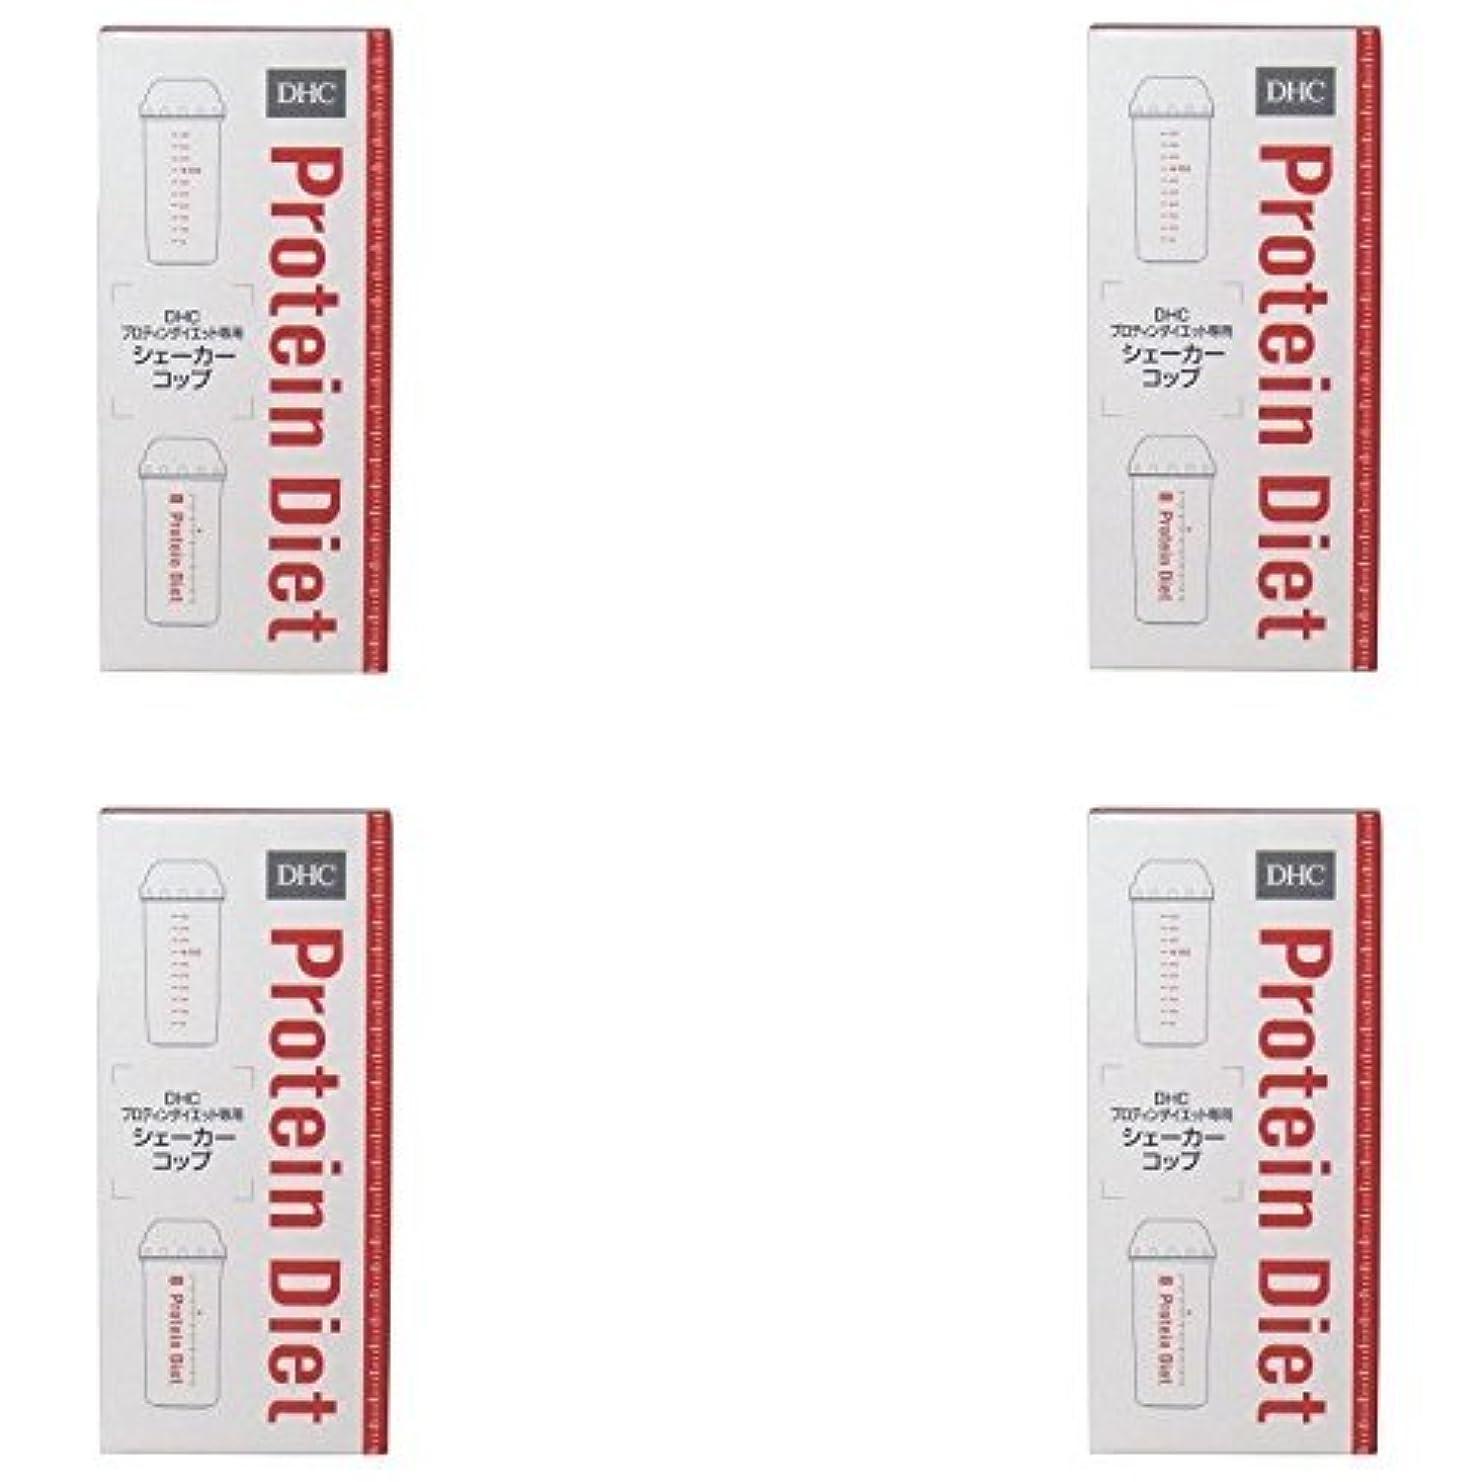 異邦人粘土拳【まとめ買い】DHC プロティンダイエット専用シェーカーコップ 1個【×4セット】